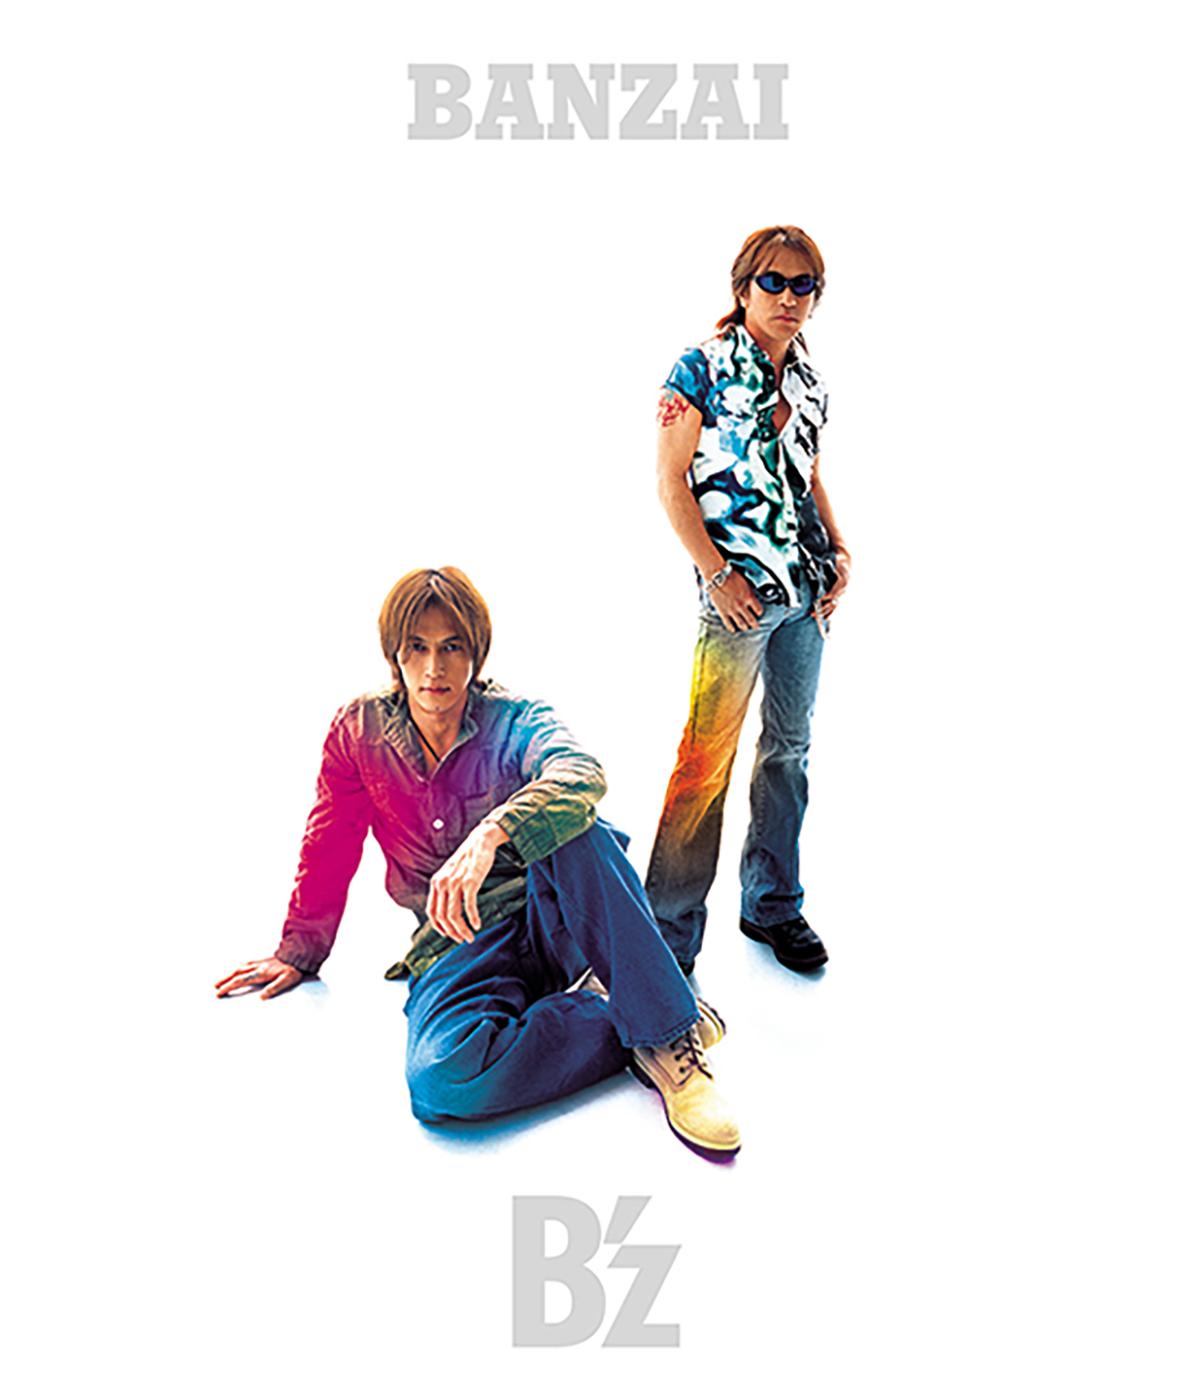 B'z 36th Single「BANZAI」のジャケット画像